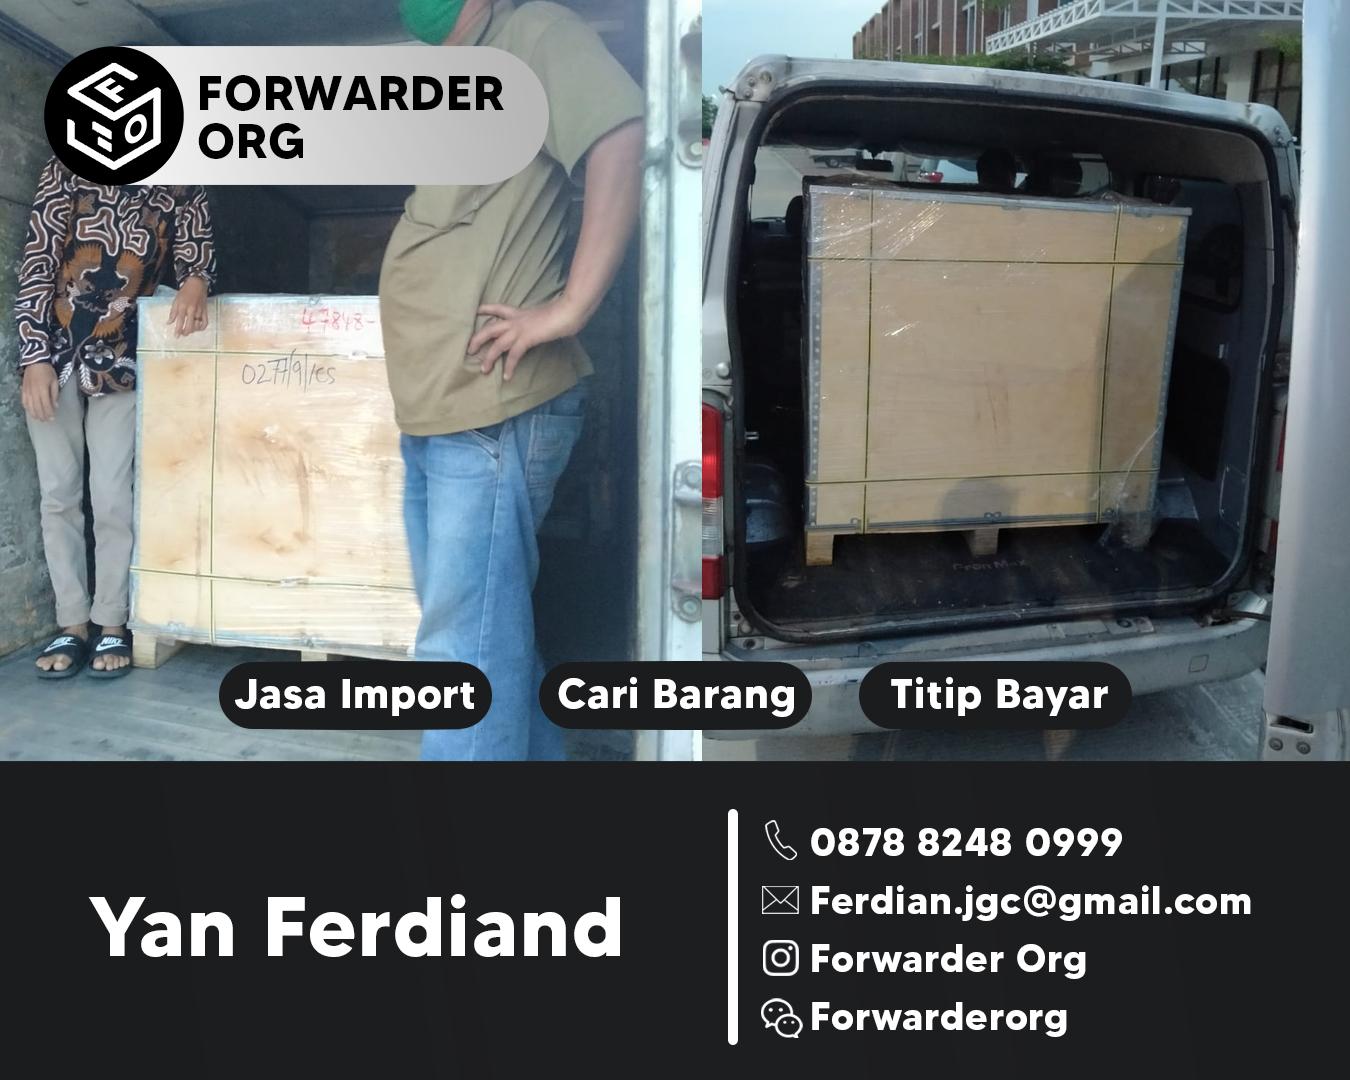 Jasa Import Sparepart Motor Gede dari Singapore | FORWARDER ORG